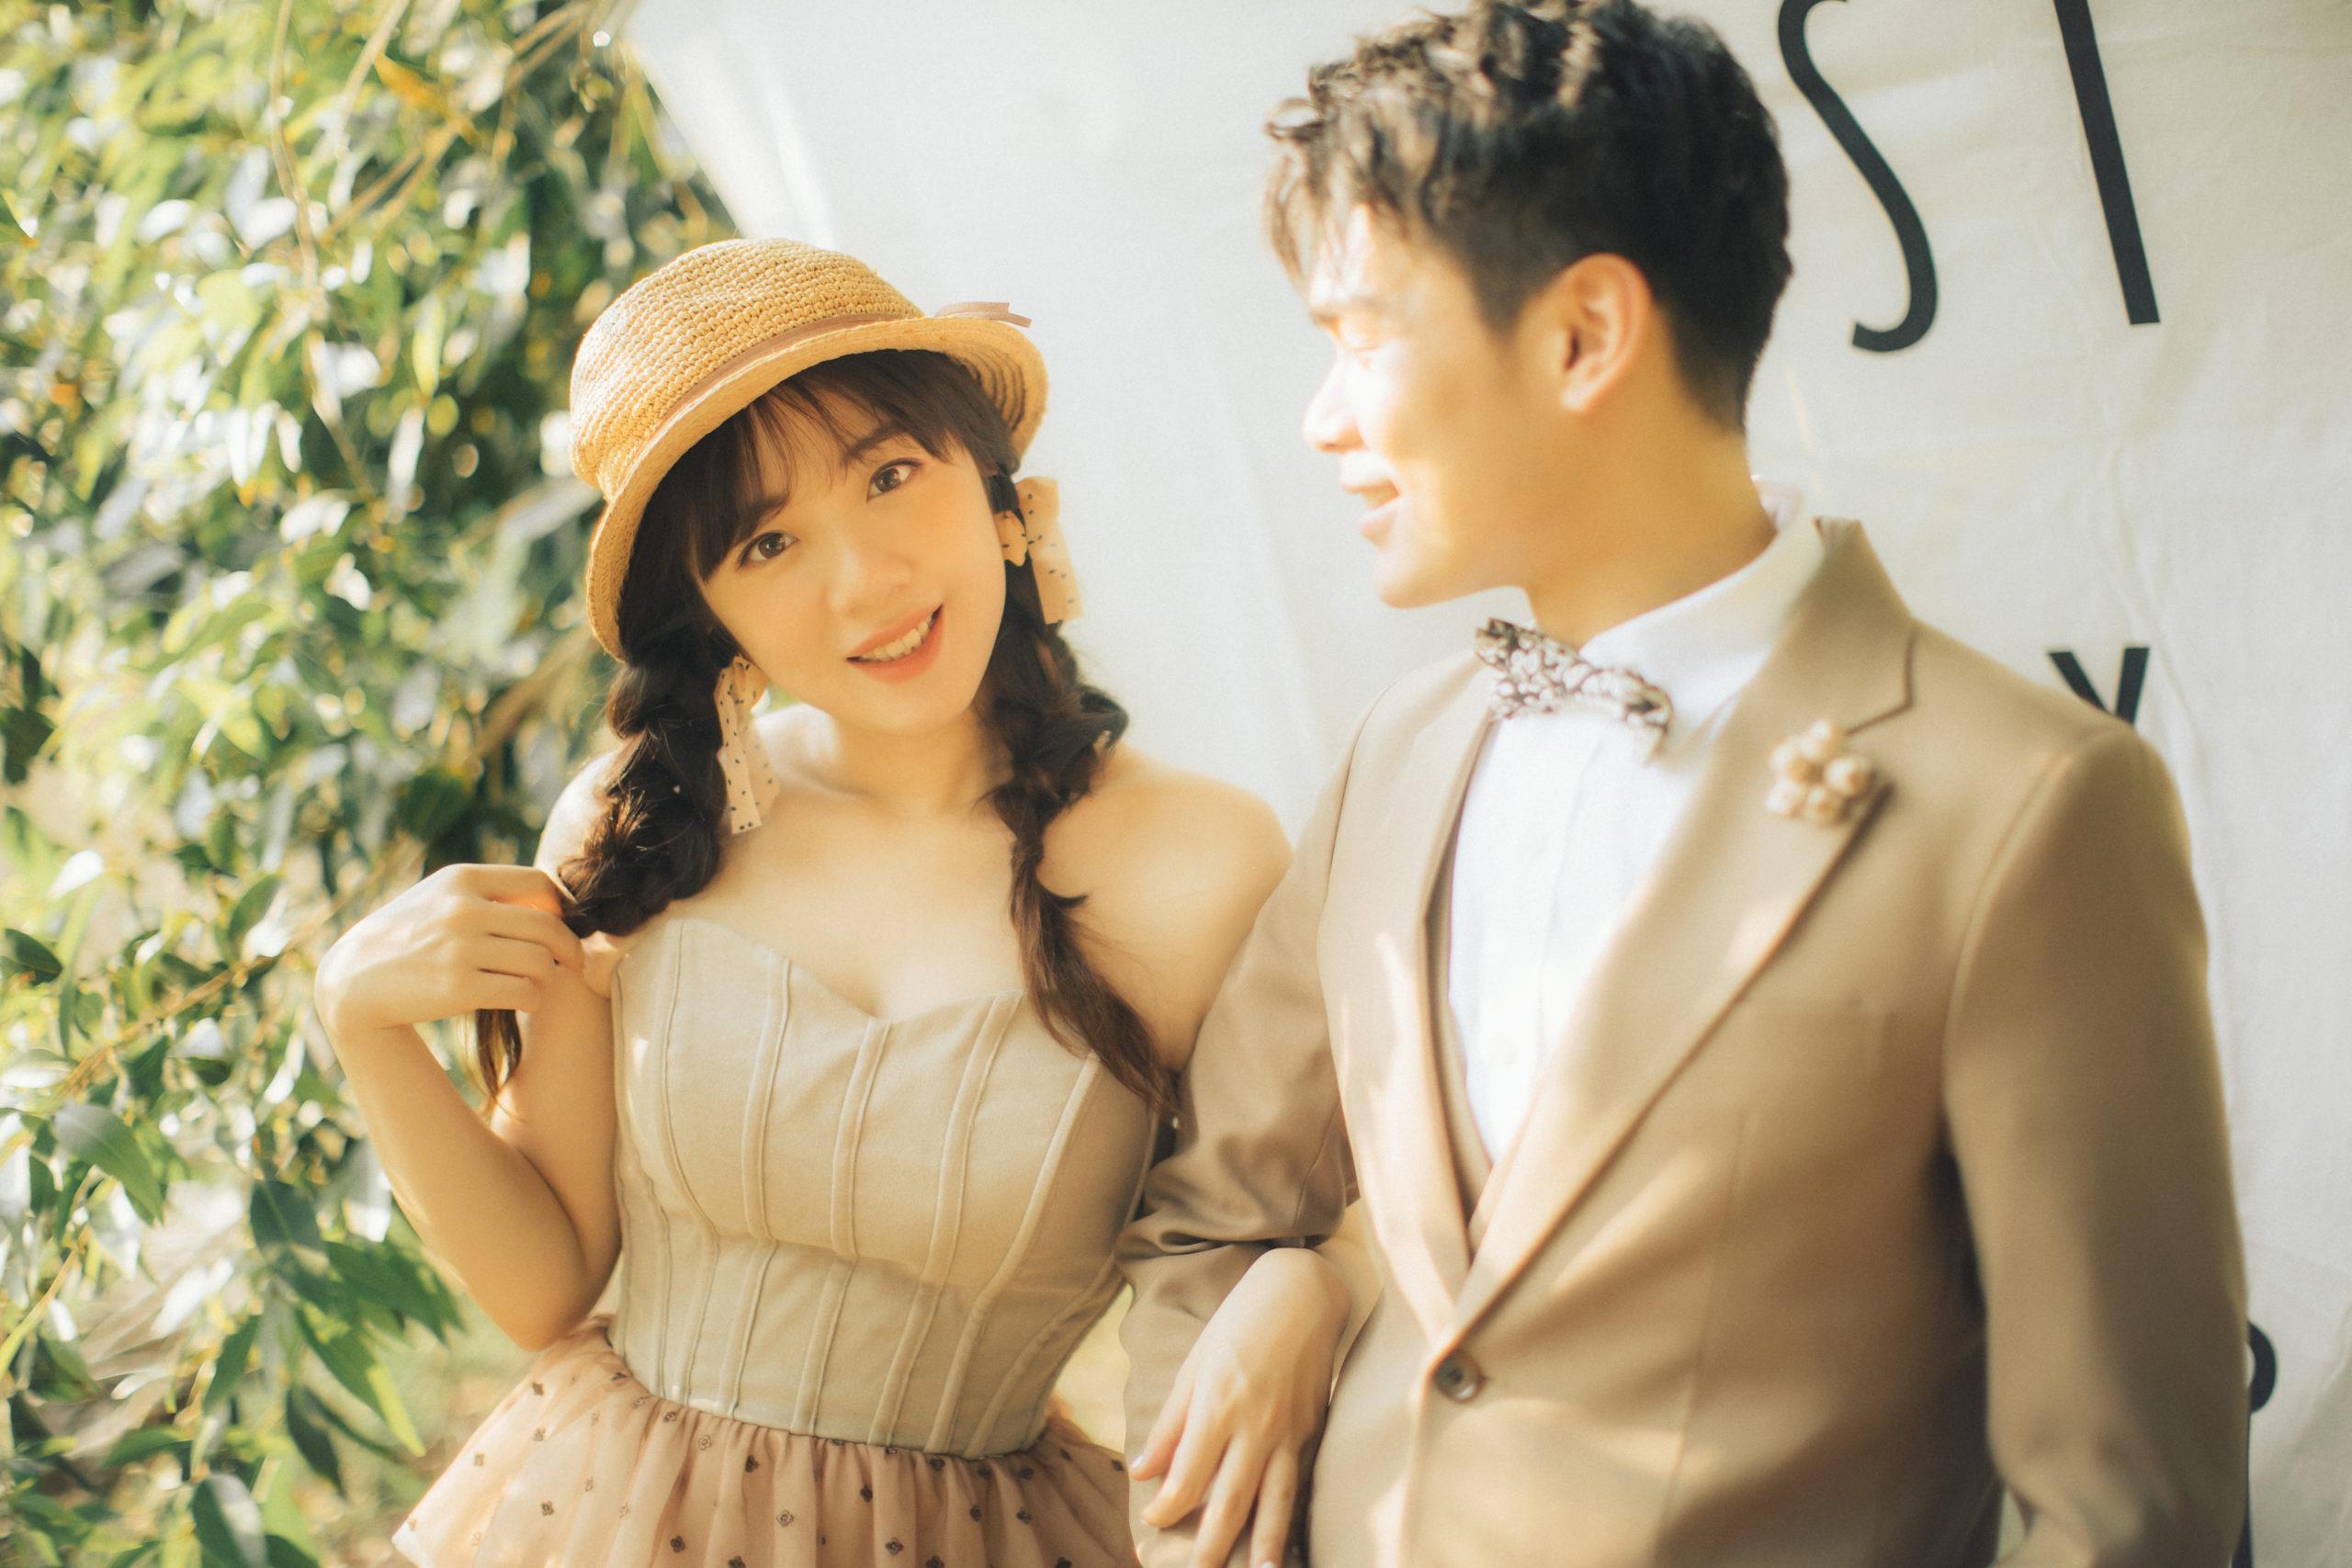 台南婚紗|少女必拍的法式野餐風|田園復古婚